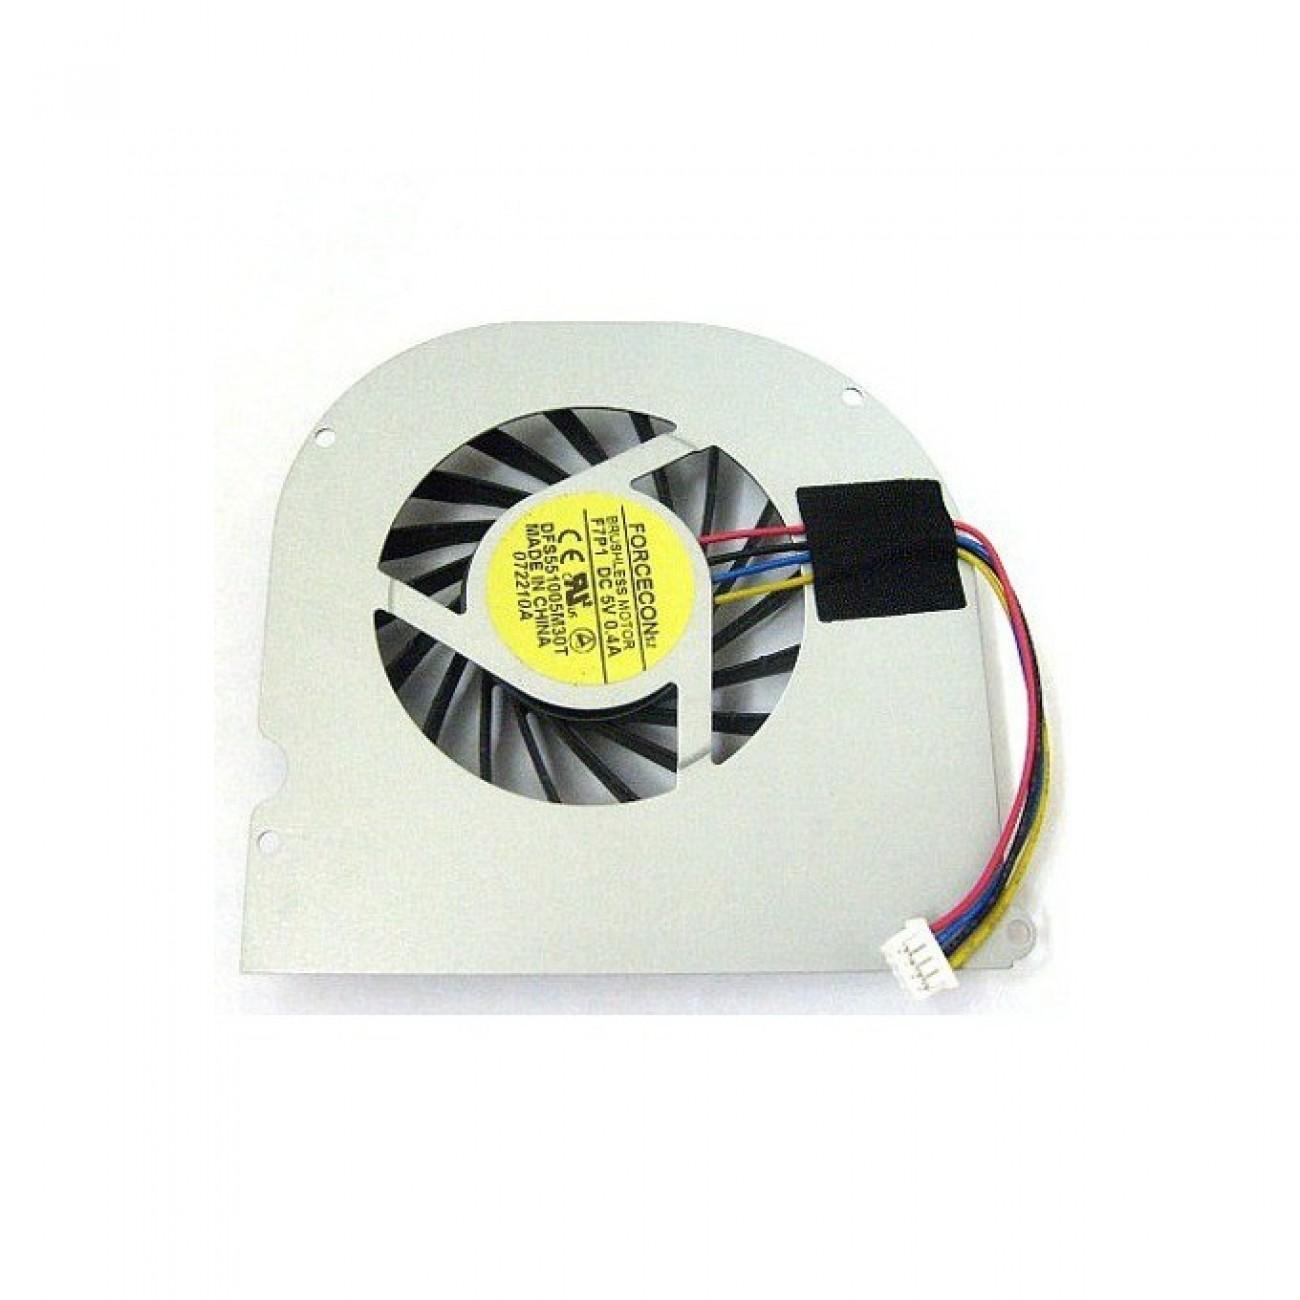 Вентилатор за лаптоп, ASUS F80, X82, F81 в Резервни части -  | Alleop